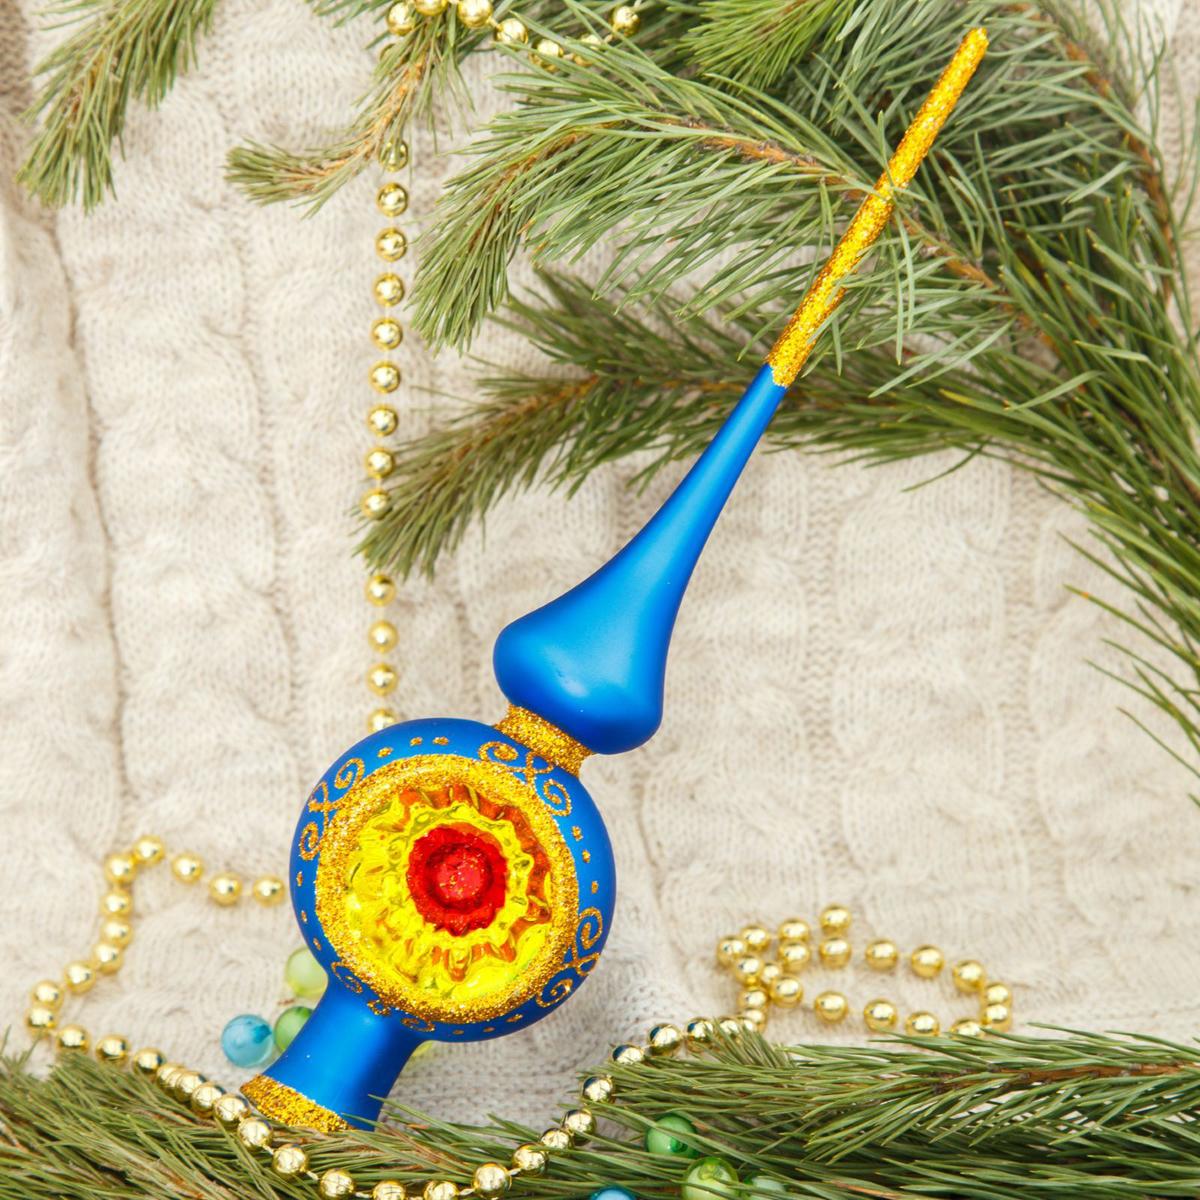 Макушка на елку Ёлочка Искристая, 27,5 см2564806Невозможно представить нашу жизнь без праздников! Мы всегда ждём их и предвкушаем, обдумываем, как проведём памятный день, тщательно выбираем подарки и аксессуары, ведь именно они создают и поддерживают торжественный настрой.